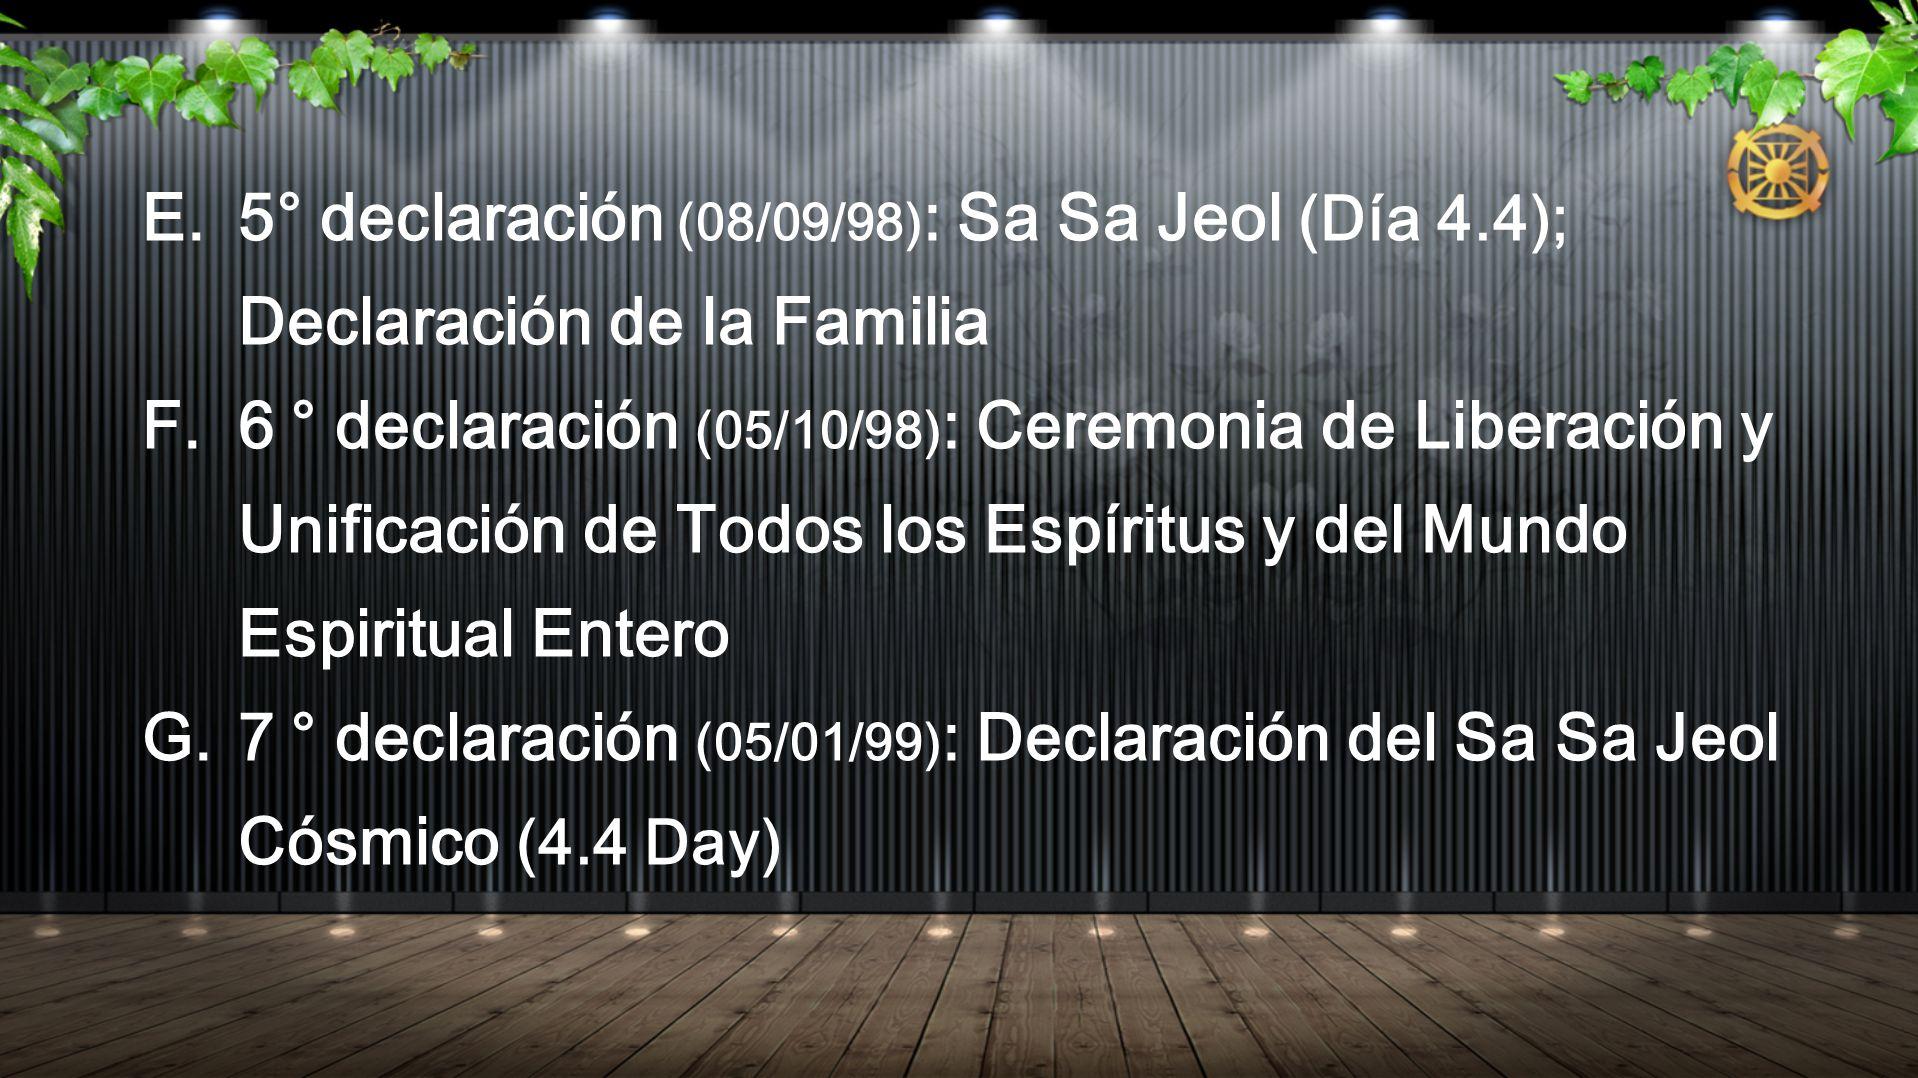 E. 5 ° declaración (08/09/98) : Sa Sa Jeol (Día 4.4); Declaración de la Familia F. 6 ° declaración (05/10/98) : Ceremonia de Liberación y Unificación